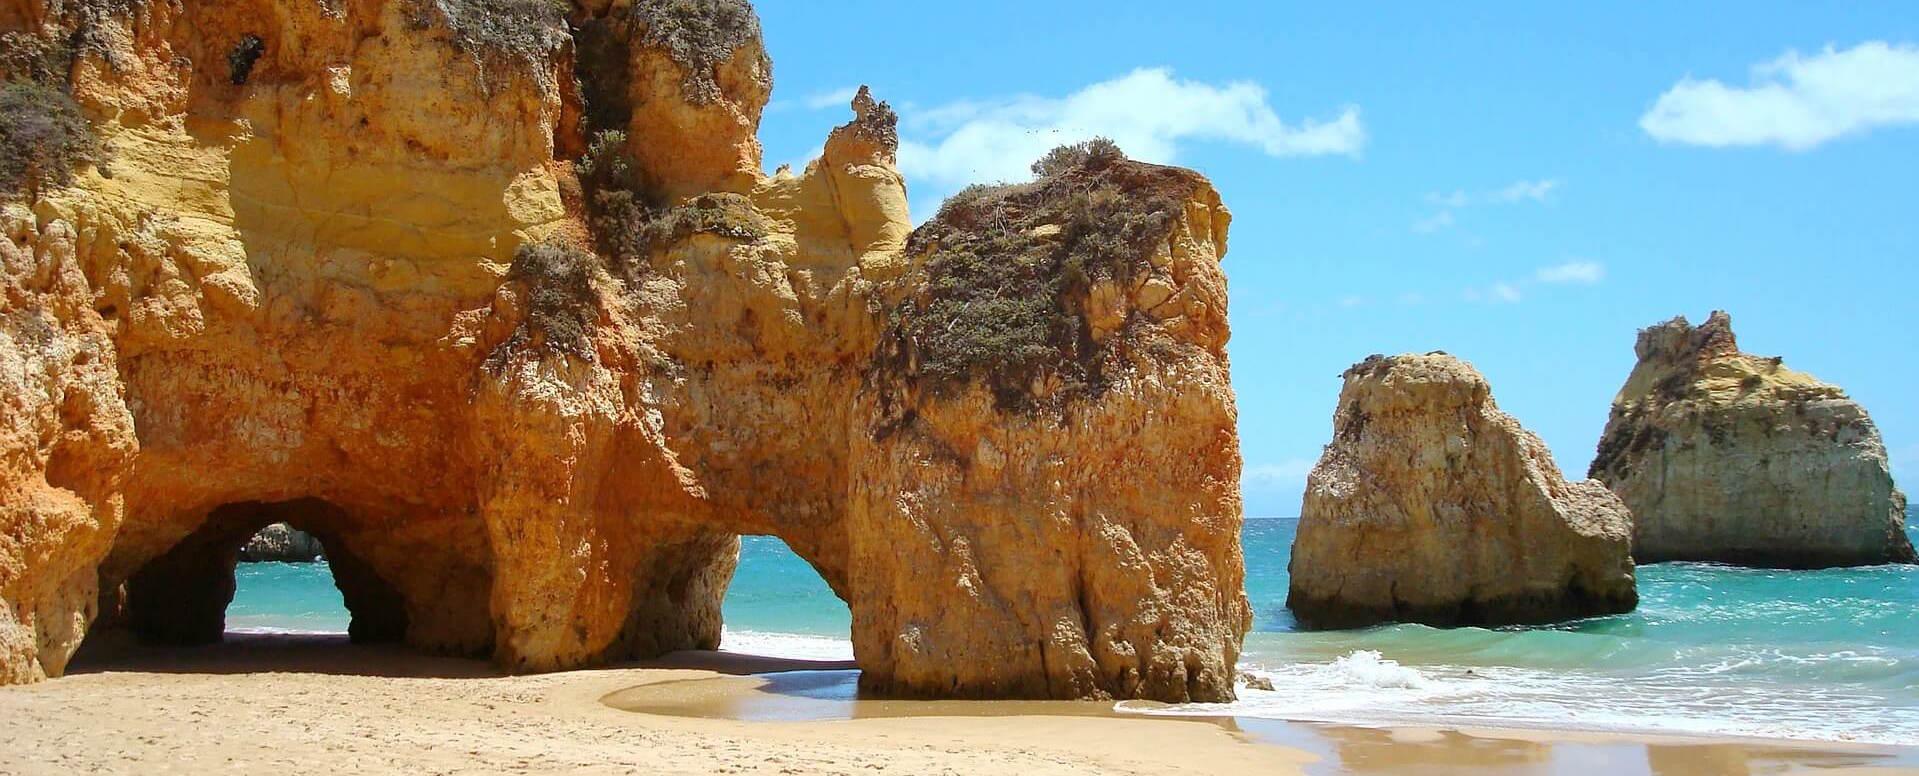 Places to visit in the Algarve - Algarve